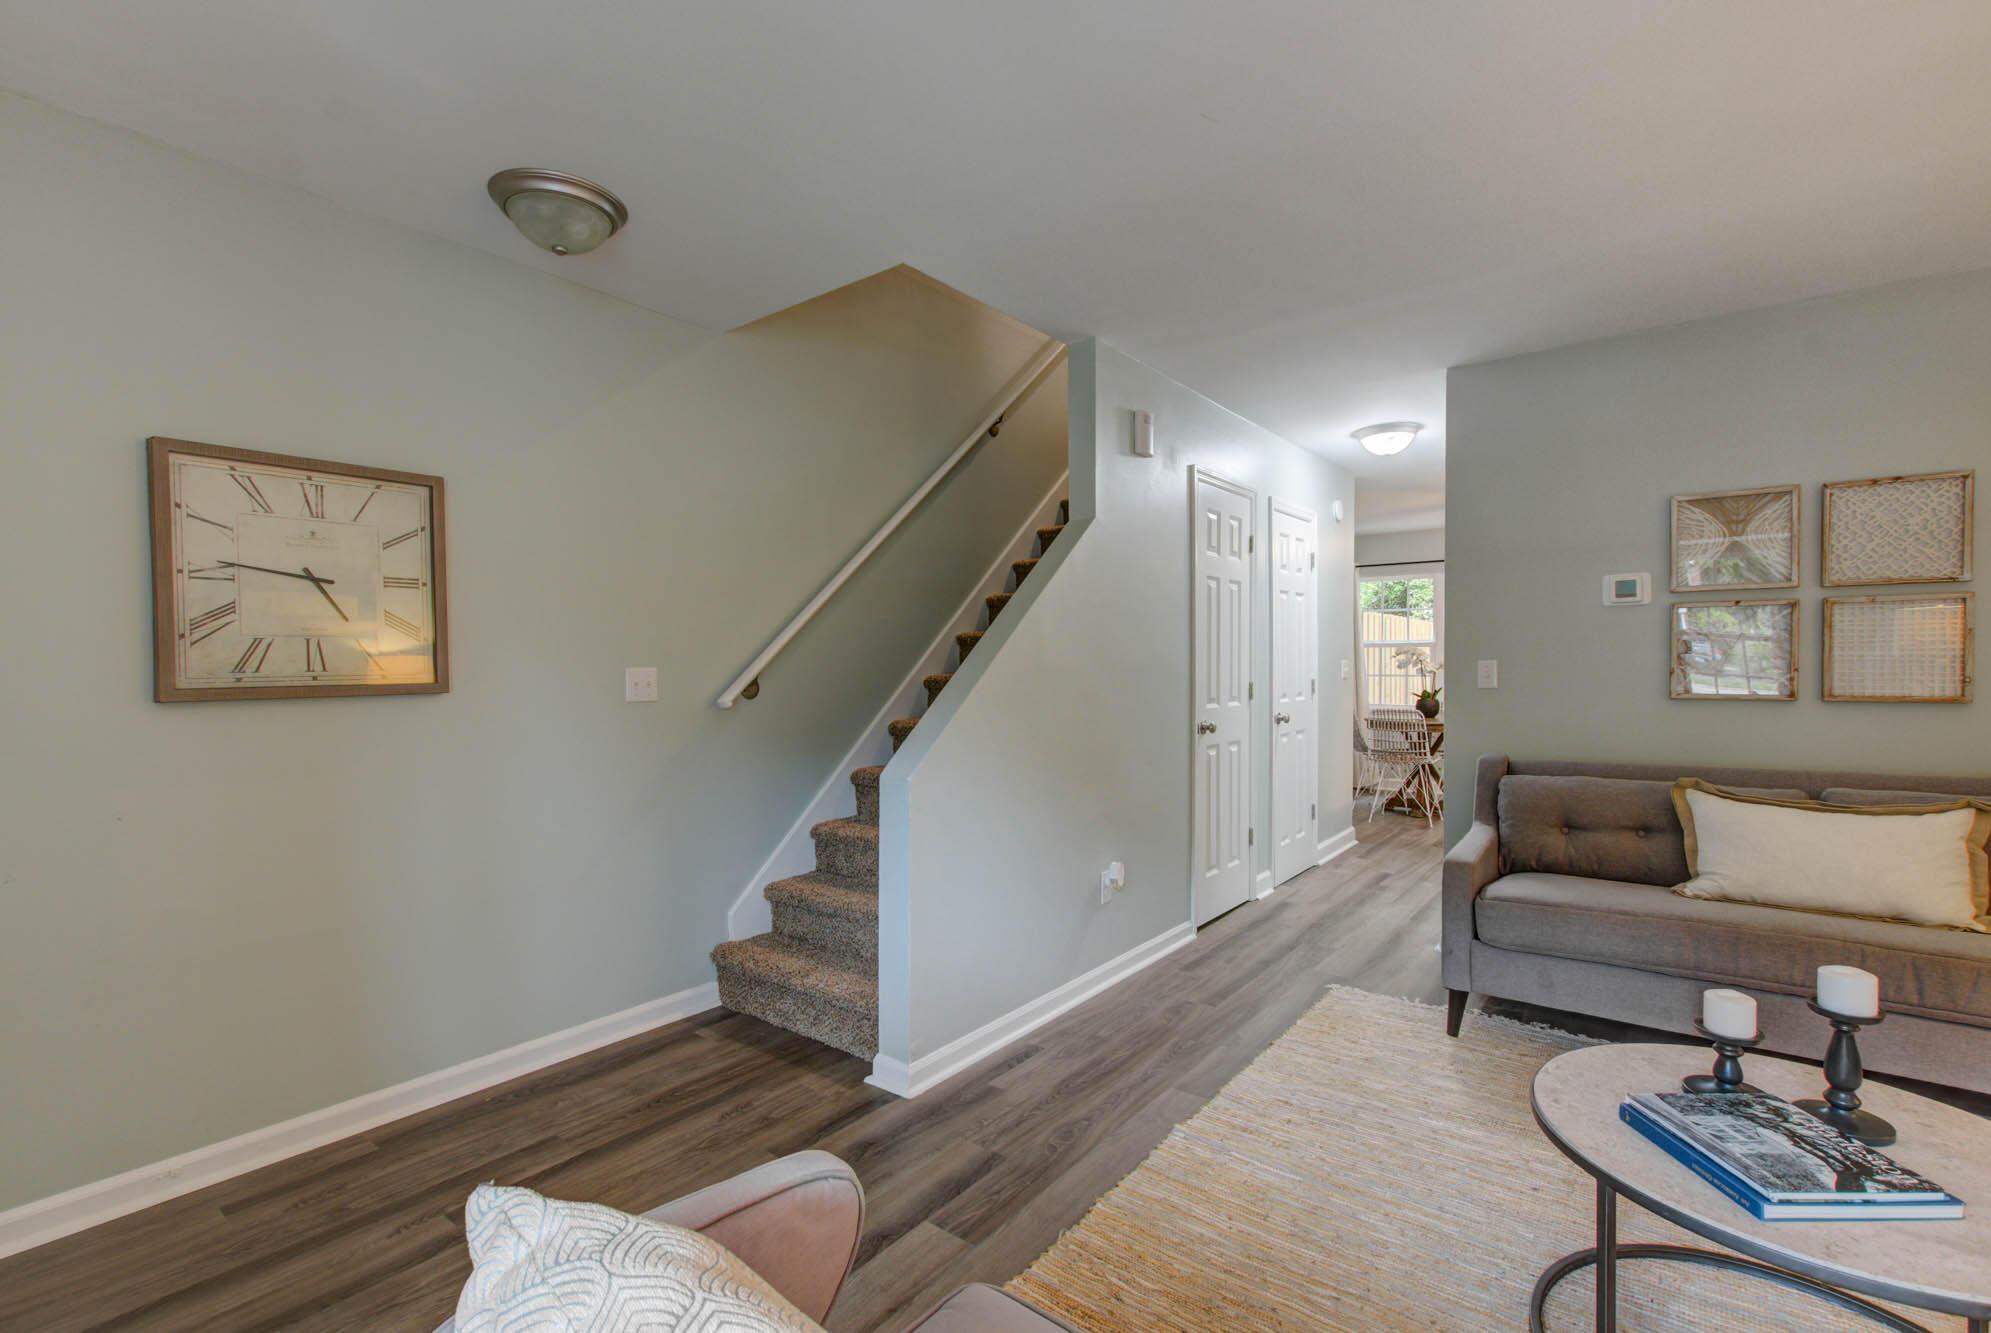 Wando East Homes For Sale - 1534 Nantahala, Mount Pleasant, SC - 2